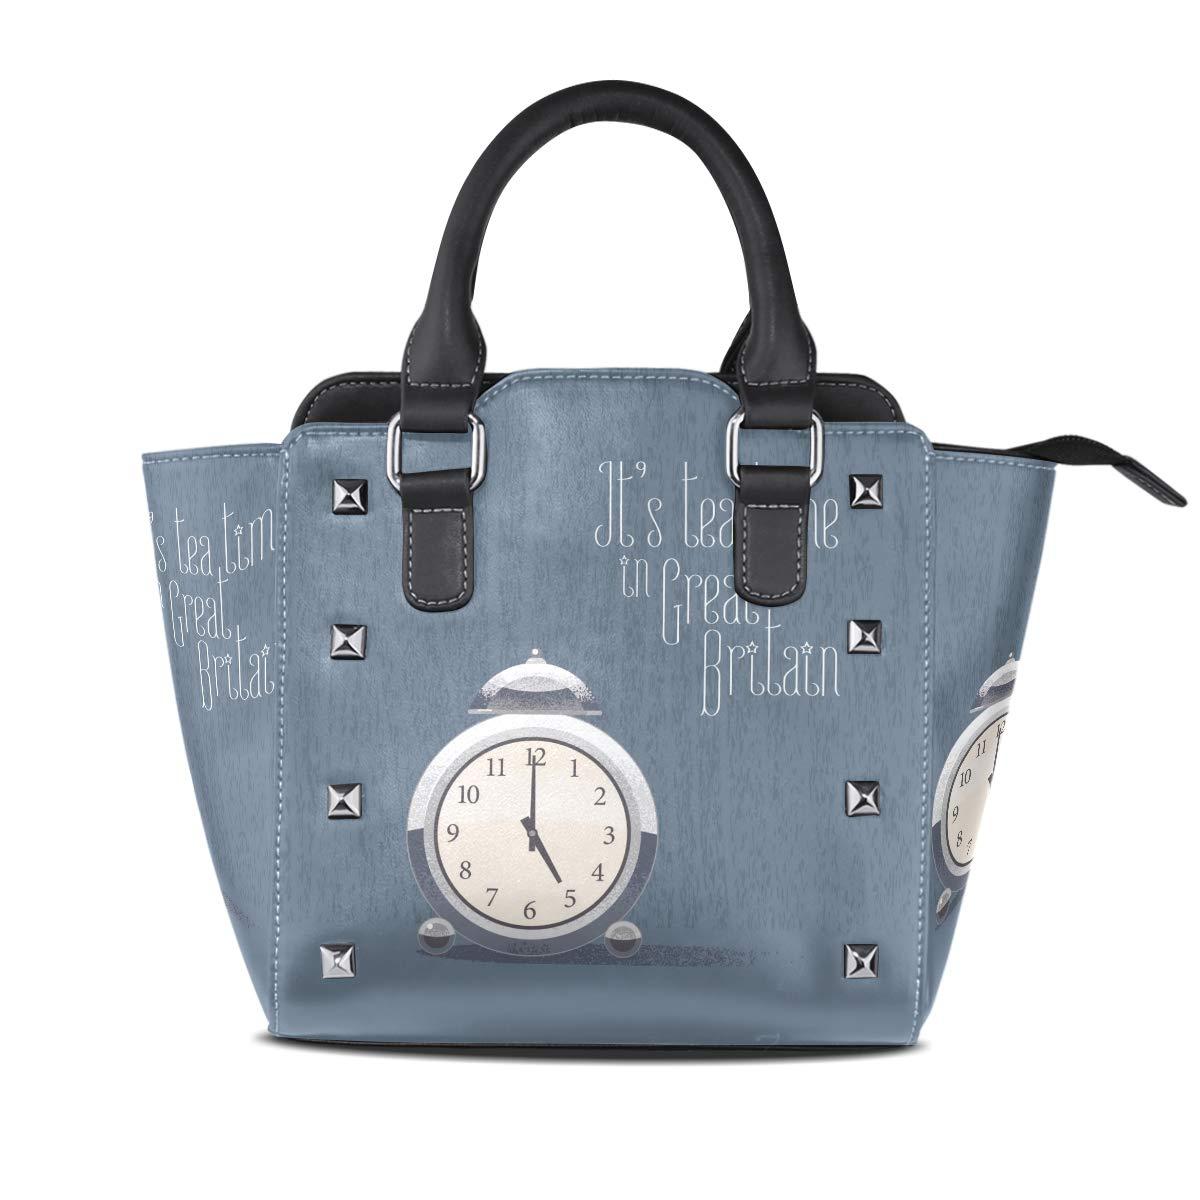 Design5 Handbag shoes Genuine Leather Tote Rivet Bag Shoulder Strap Top Handle Women